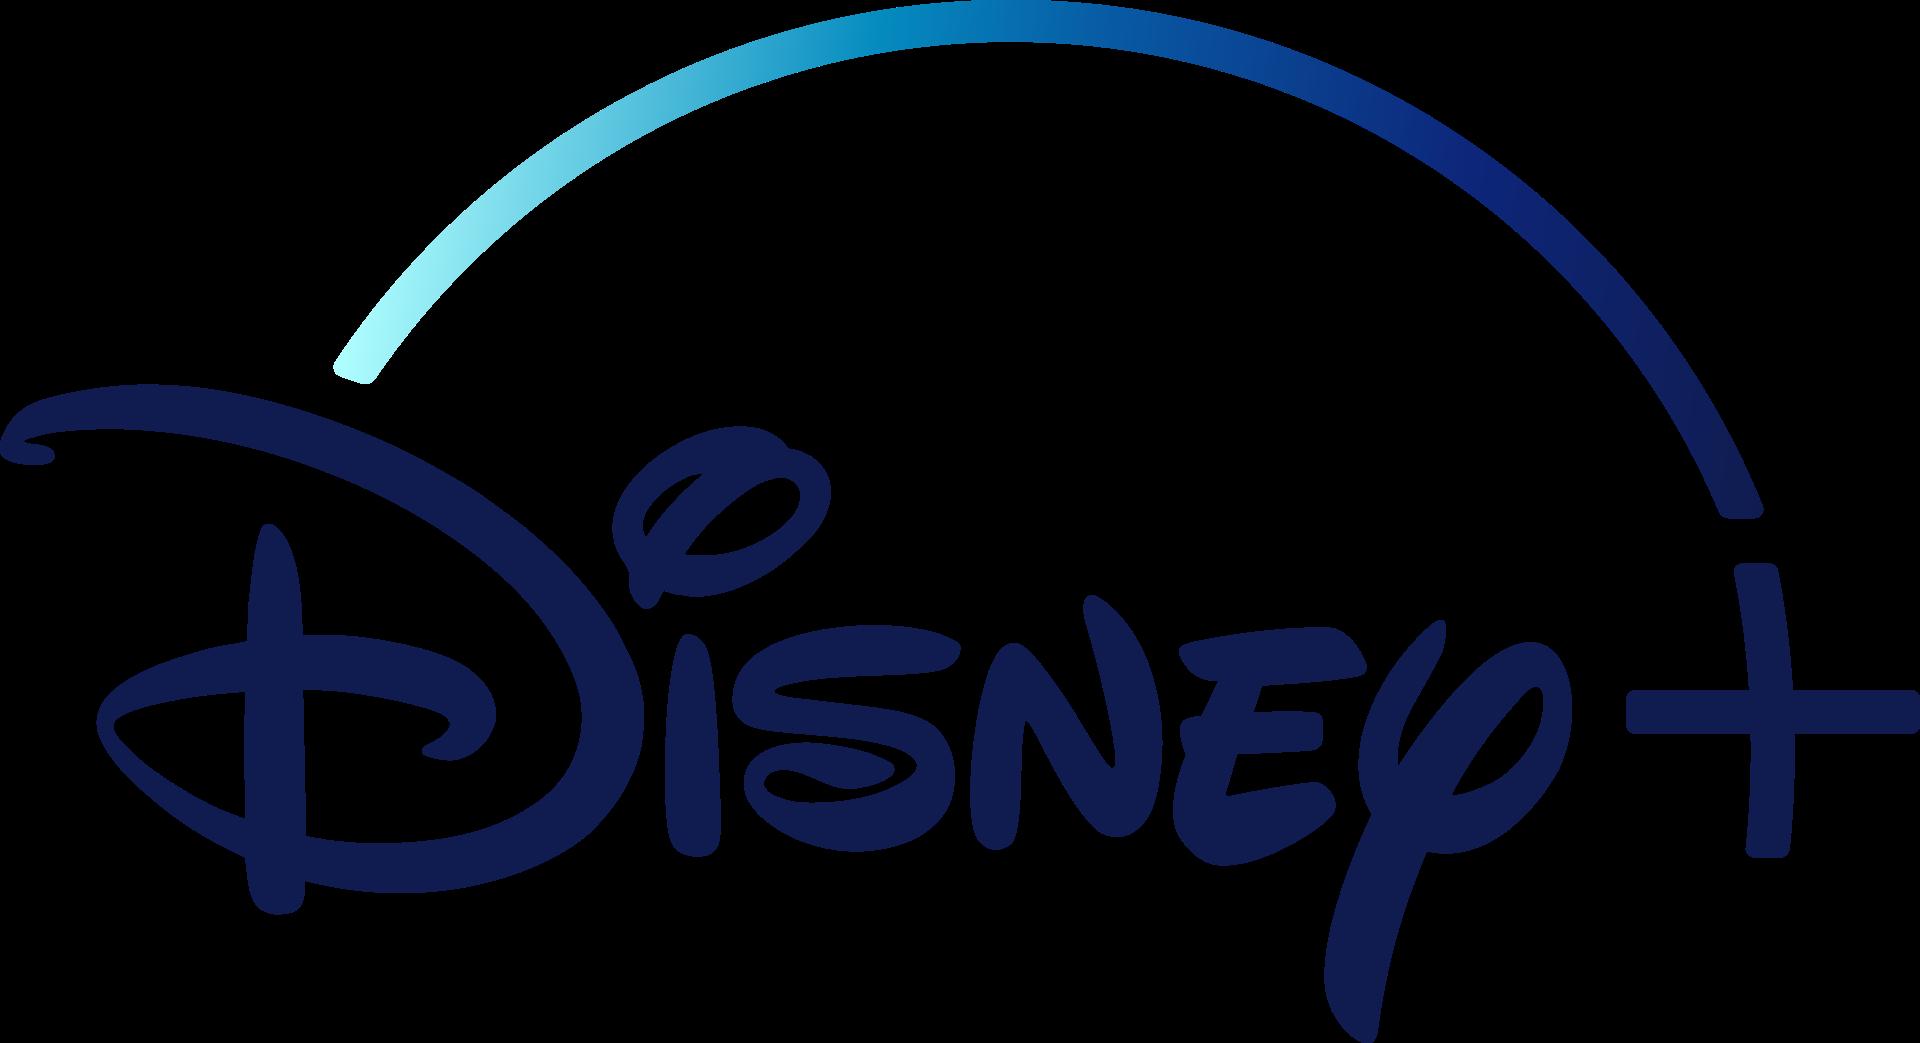 Disney + est là: essayez-le gratuitement pendant 7 jours.  Ensuite, 6,99 euros par mois ou 69,99 euros pour l'abonnement annuel.